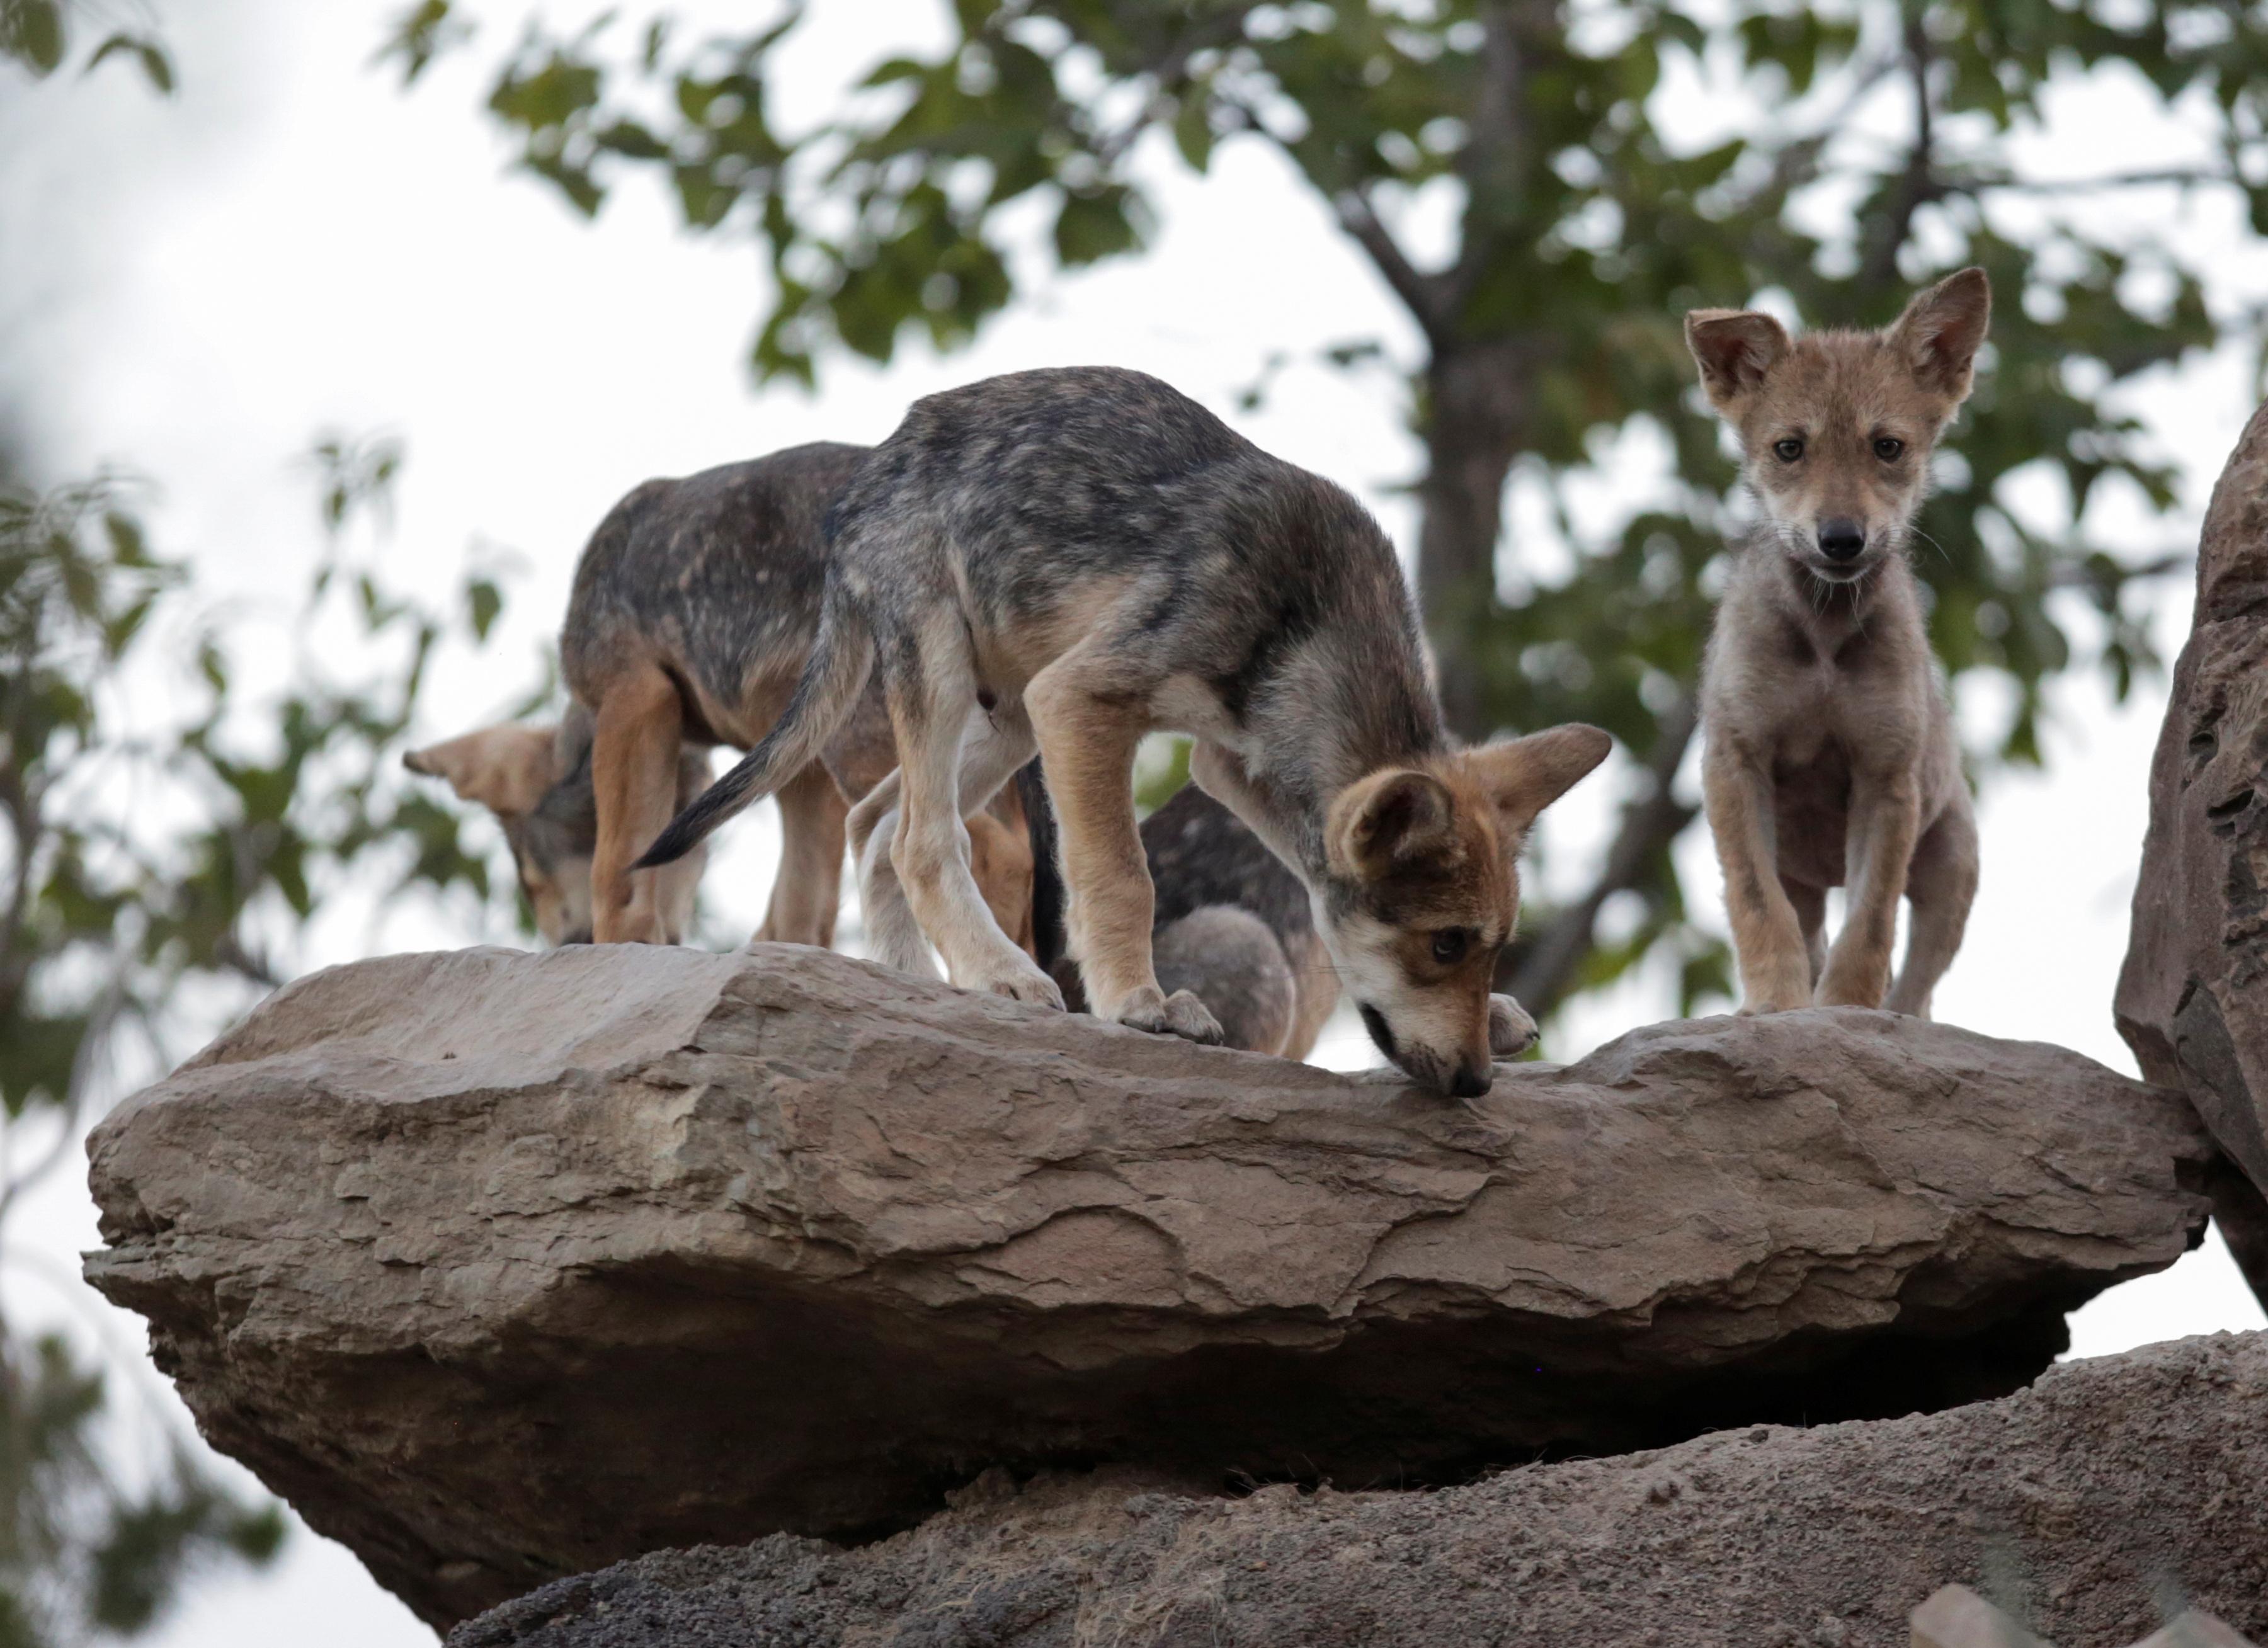 Actualmente, el Museo del Desierto tiene bajo resguardo un total de 18 ejemplares de lobo mexicano en sus albergues. 2 de julio, 2020. (Foto: REUTERS/Daniel Becerril)